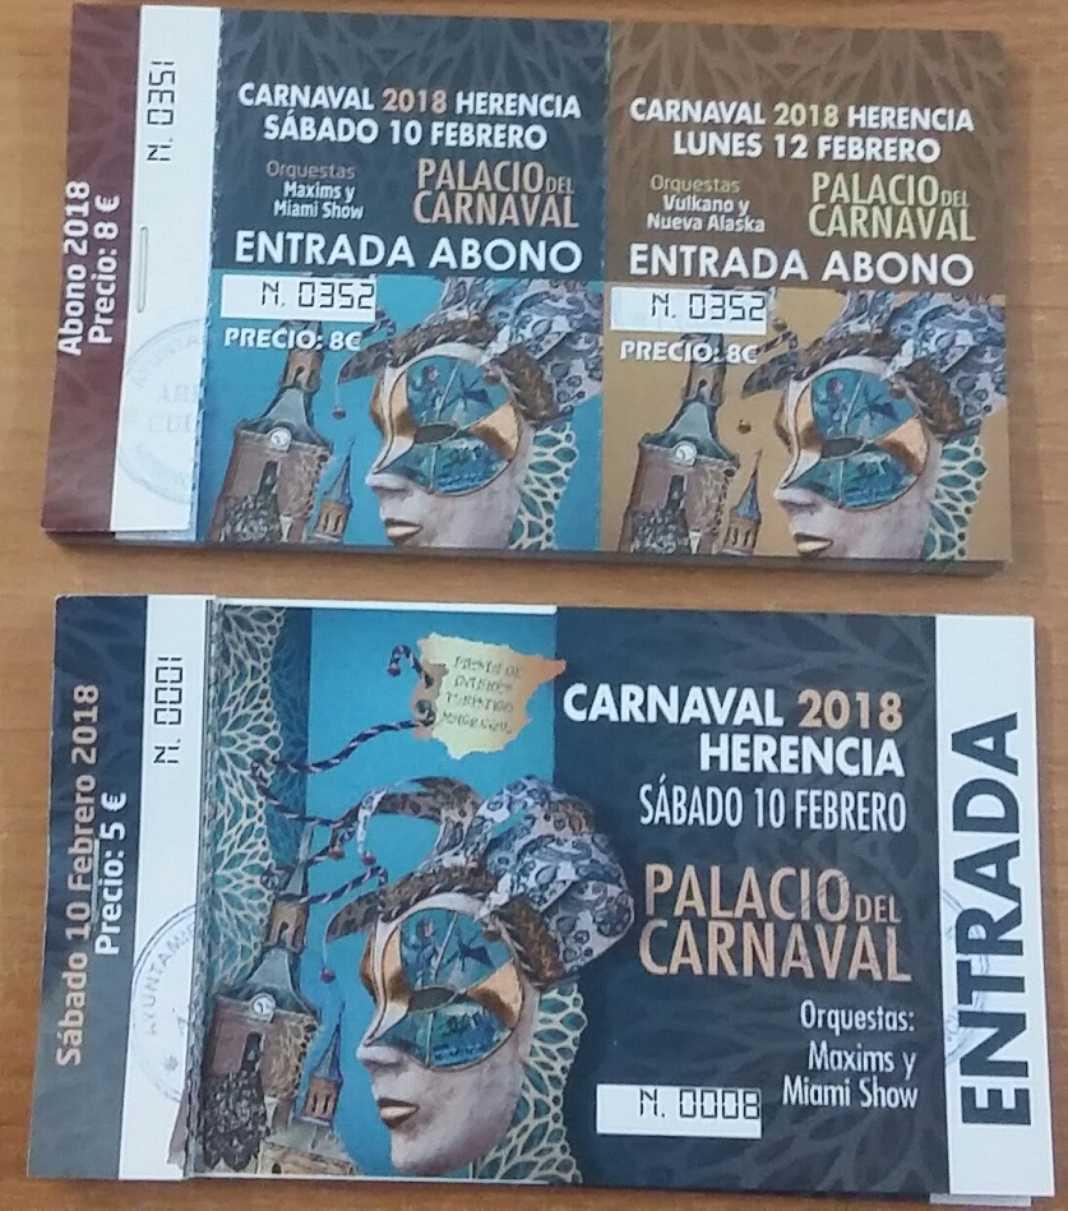 entradas palacio carnaval herencia 2018 1068x1211 - Devolución del importe de las entradas y abonos del lunes de Carnaval